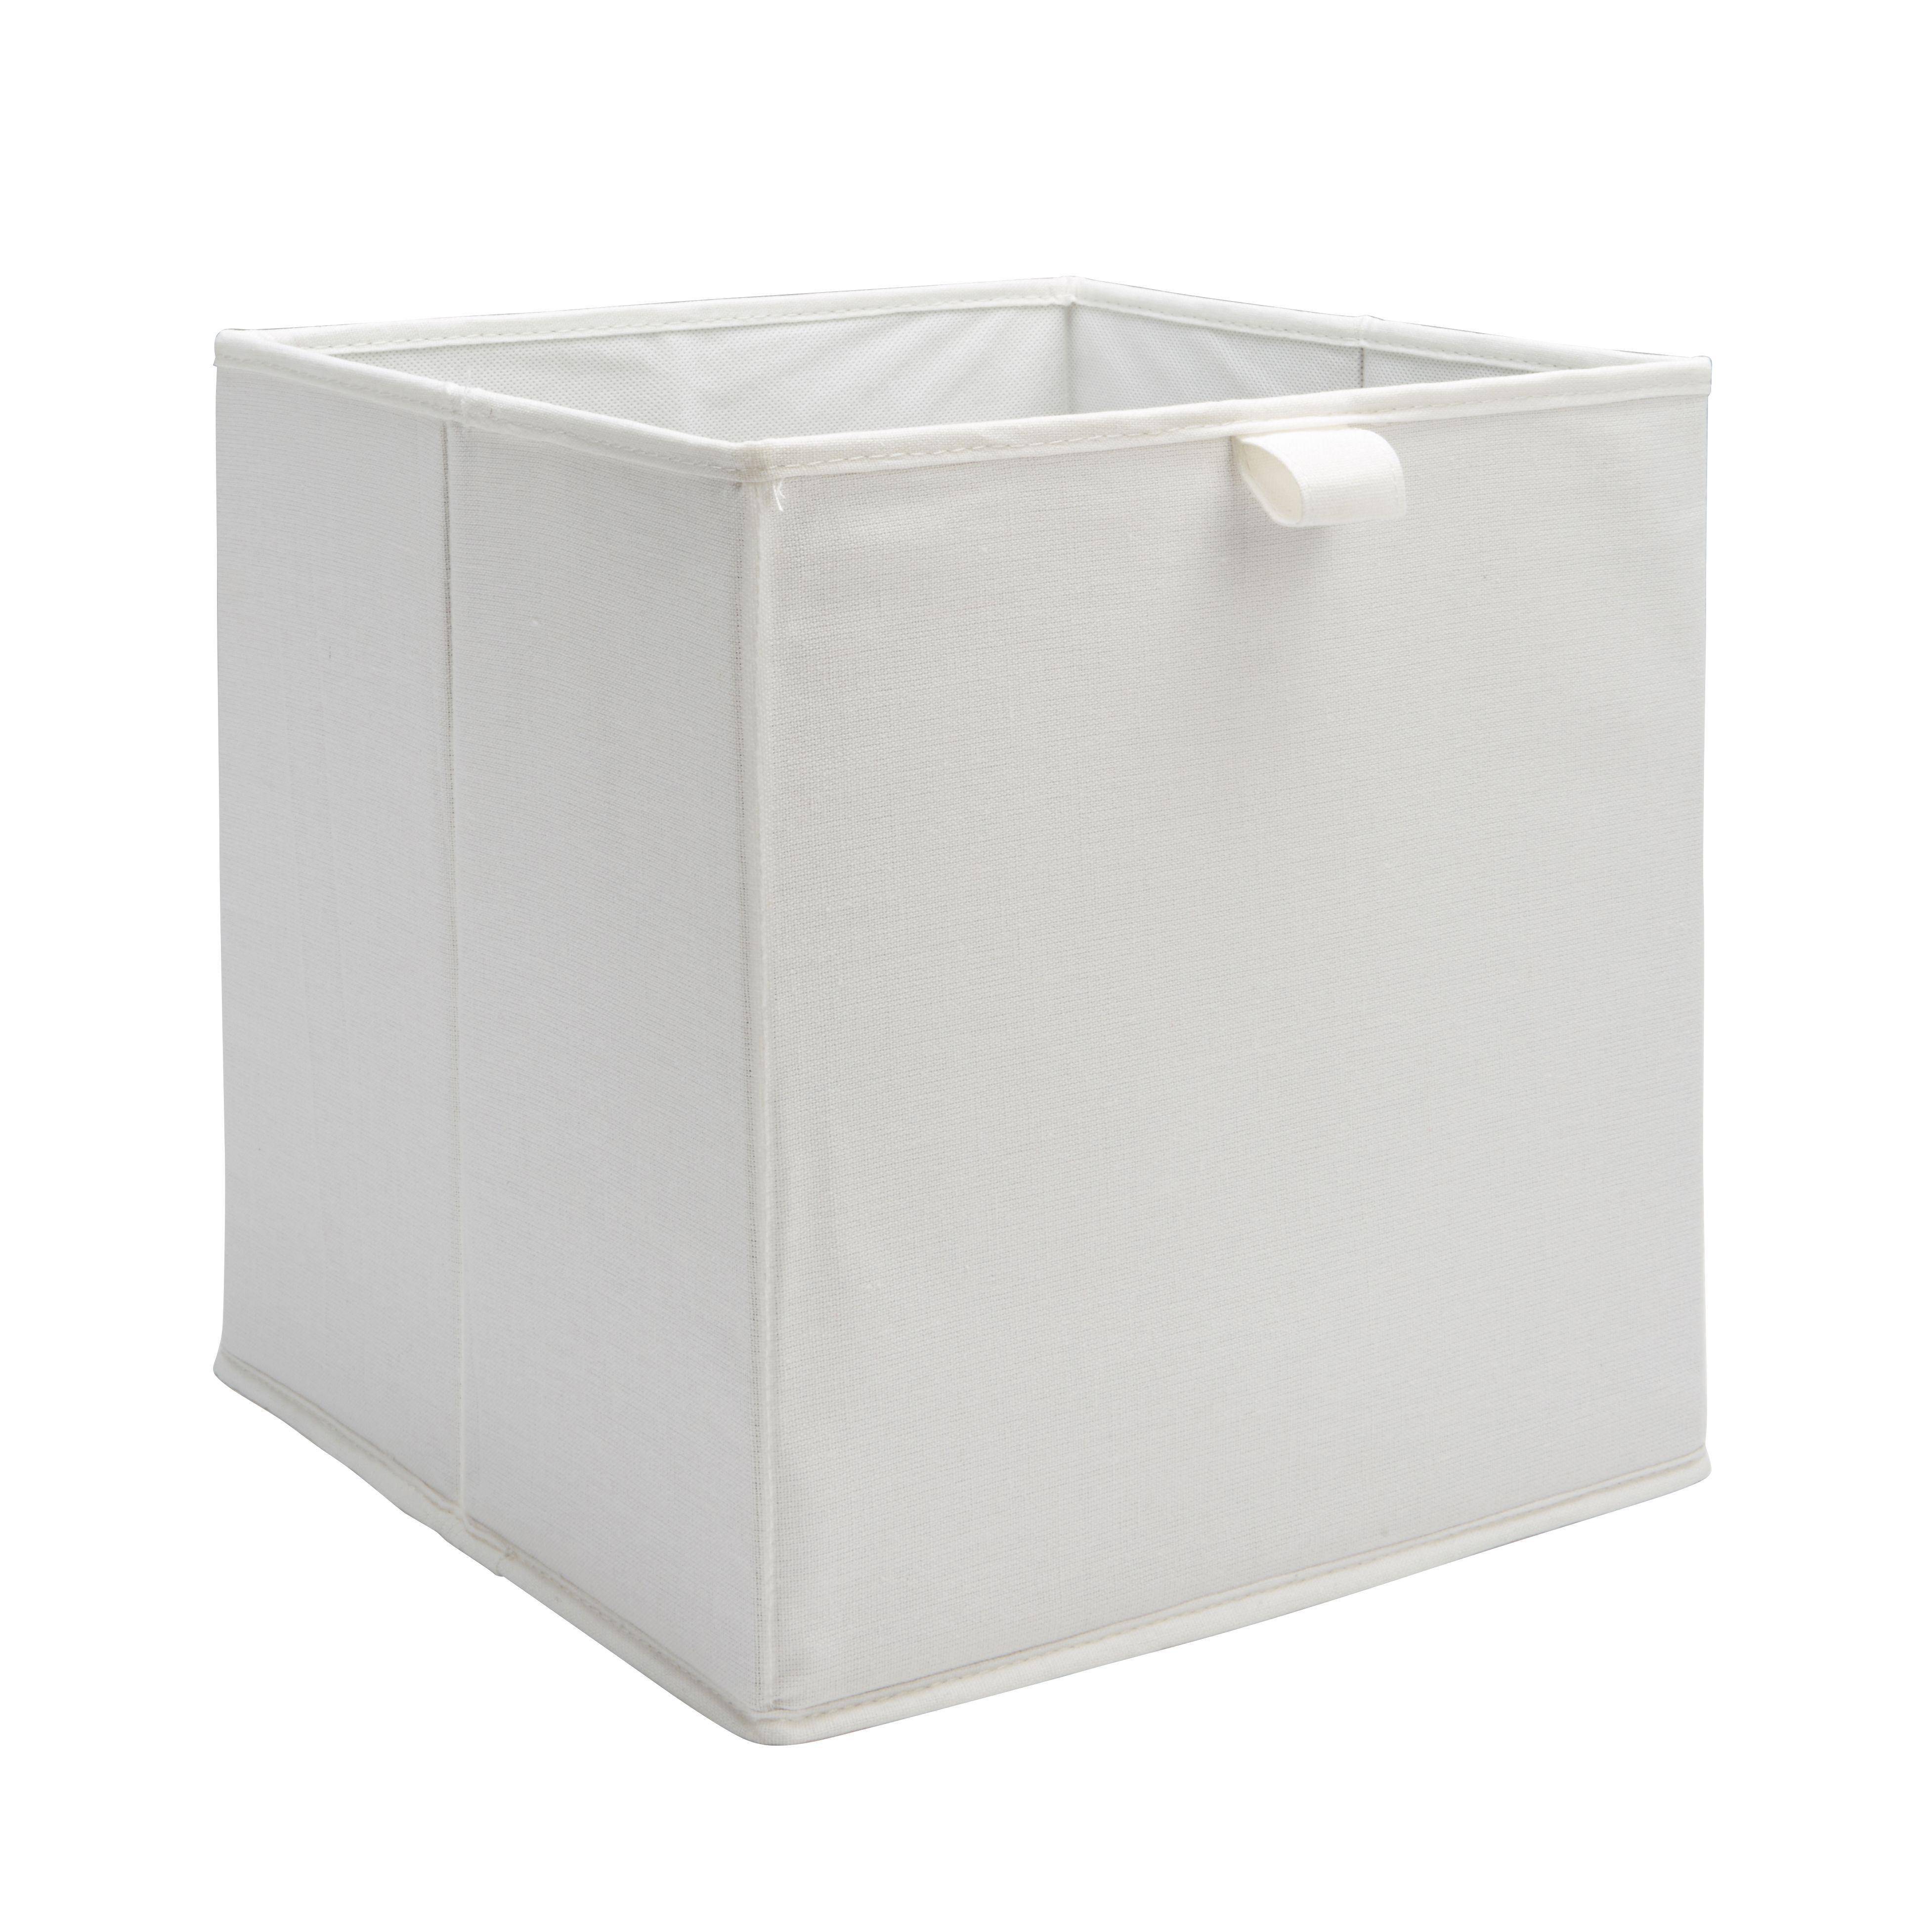 Form Mixxit Cream Storage Basket (w)310mm